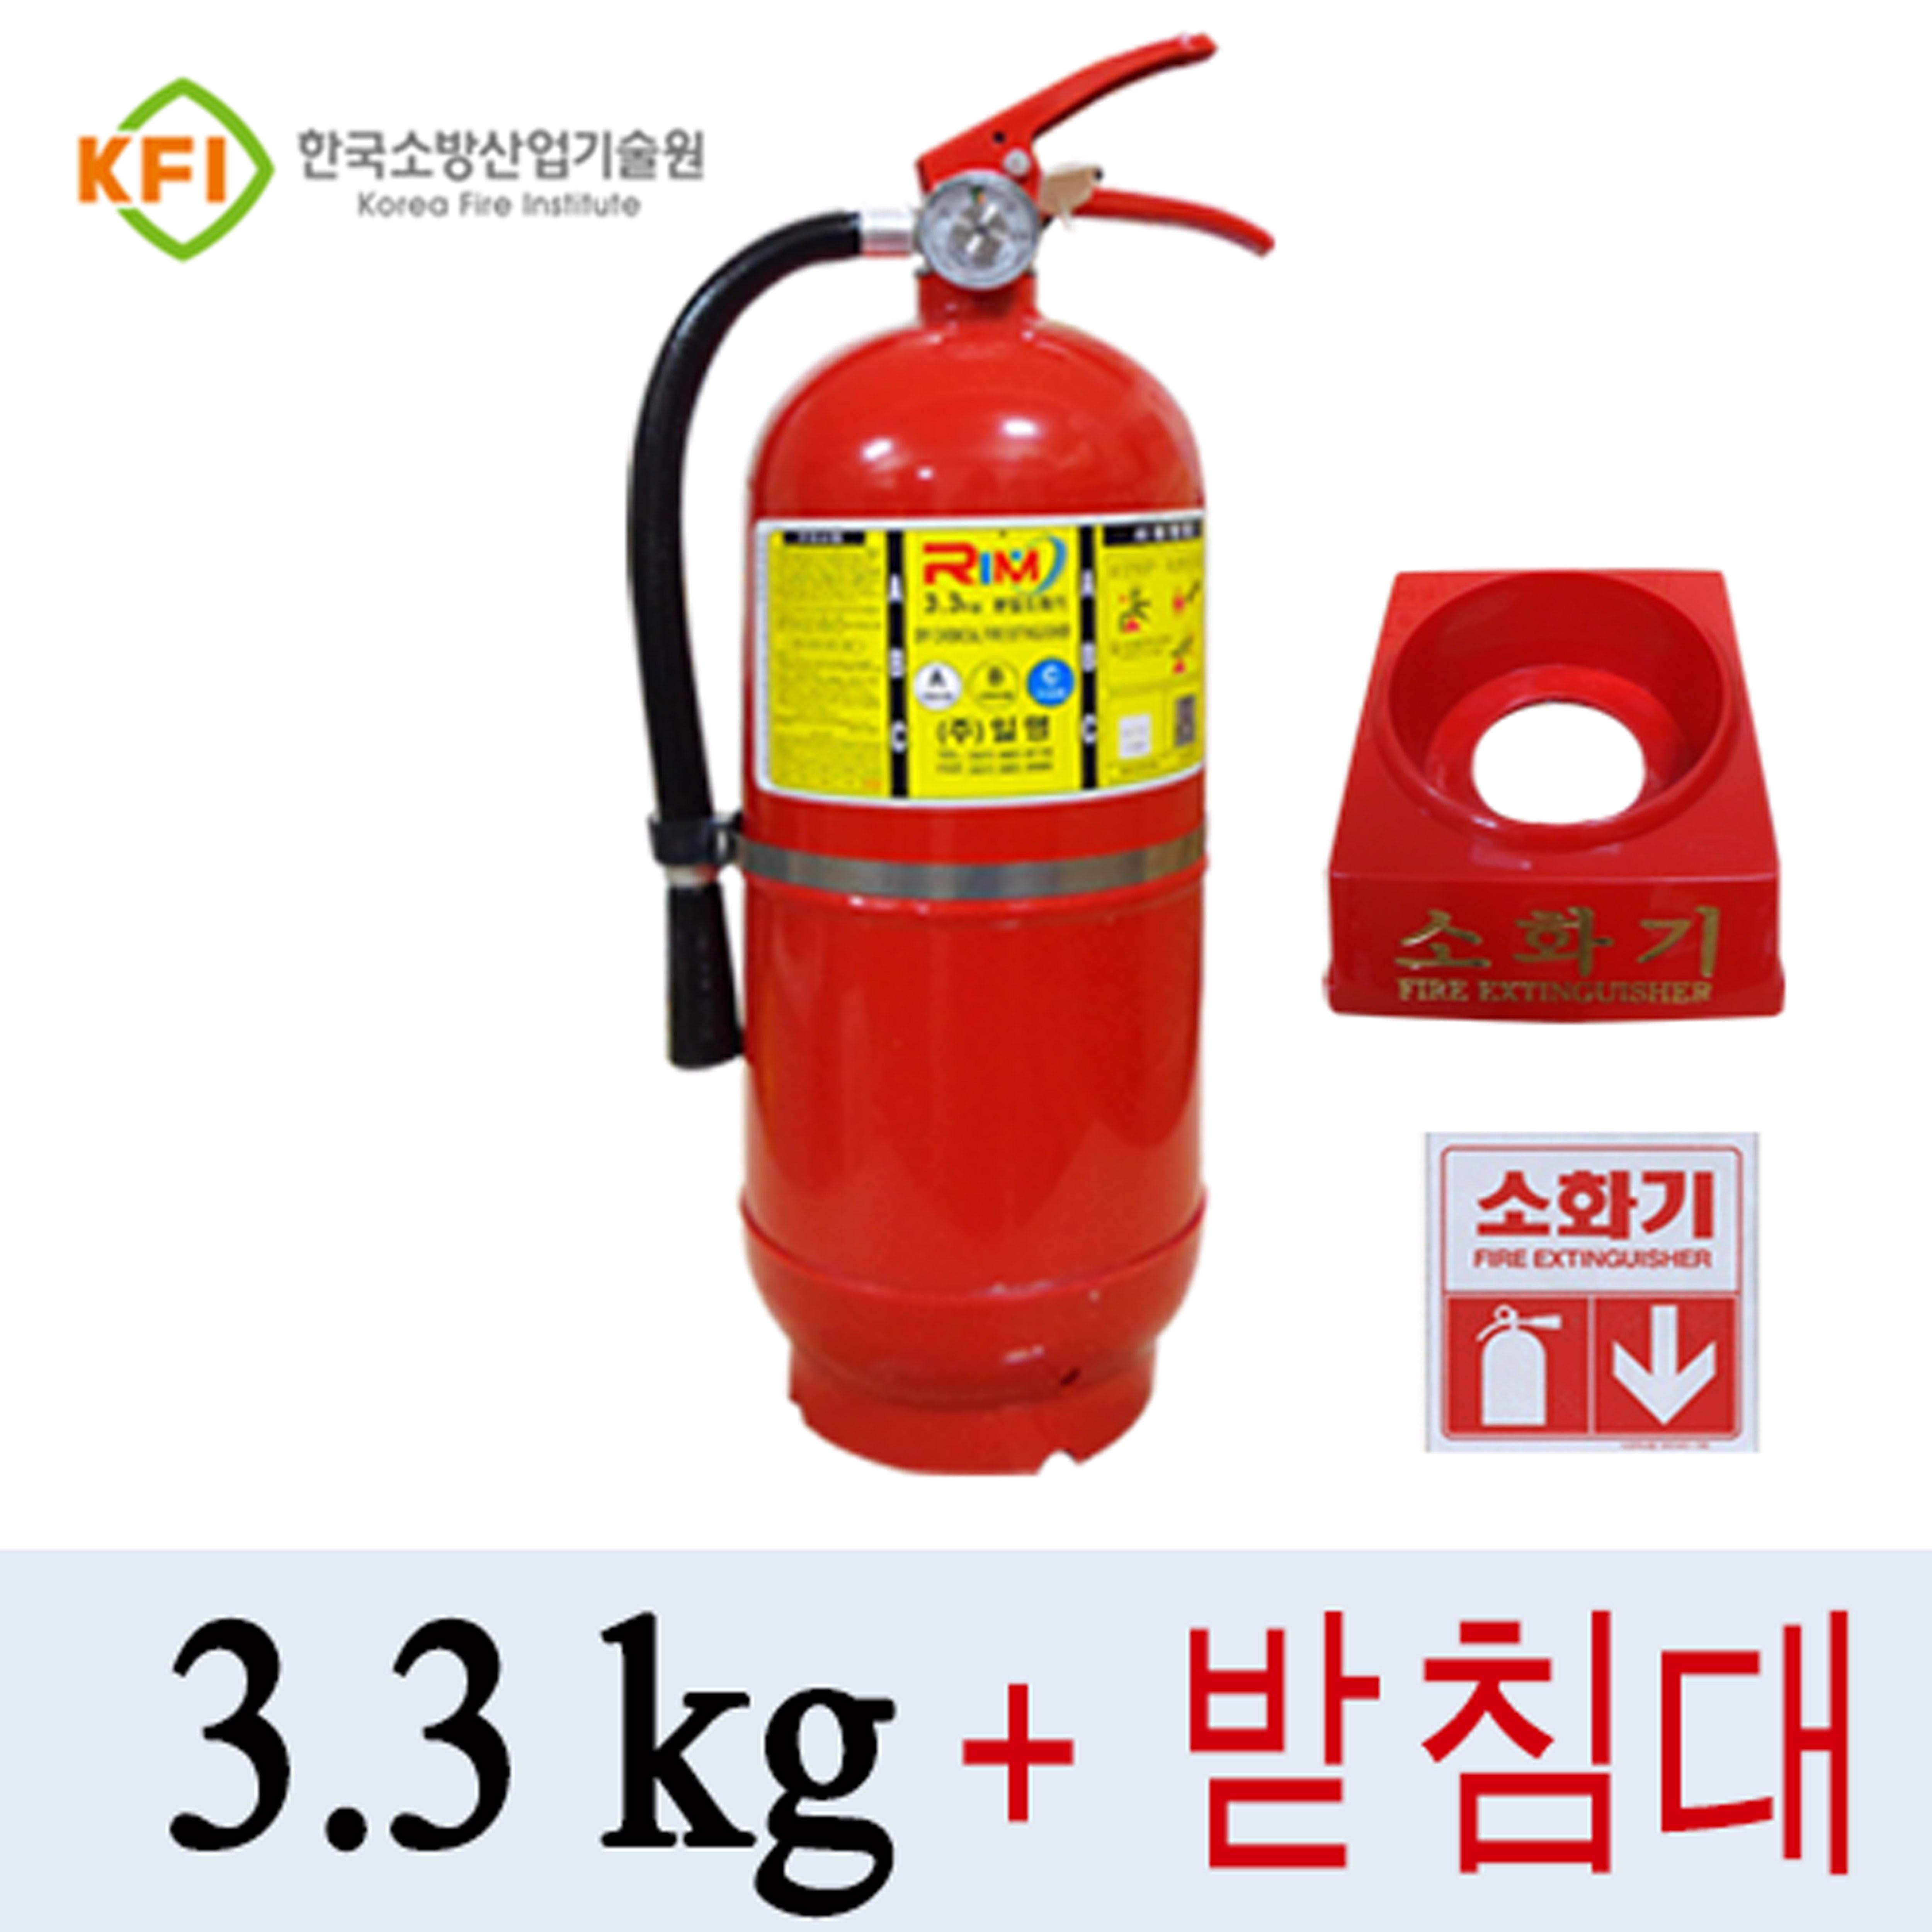 소방검정품 3.3kg소화기+받침대+소화기위치표지, 1개